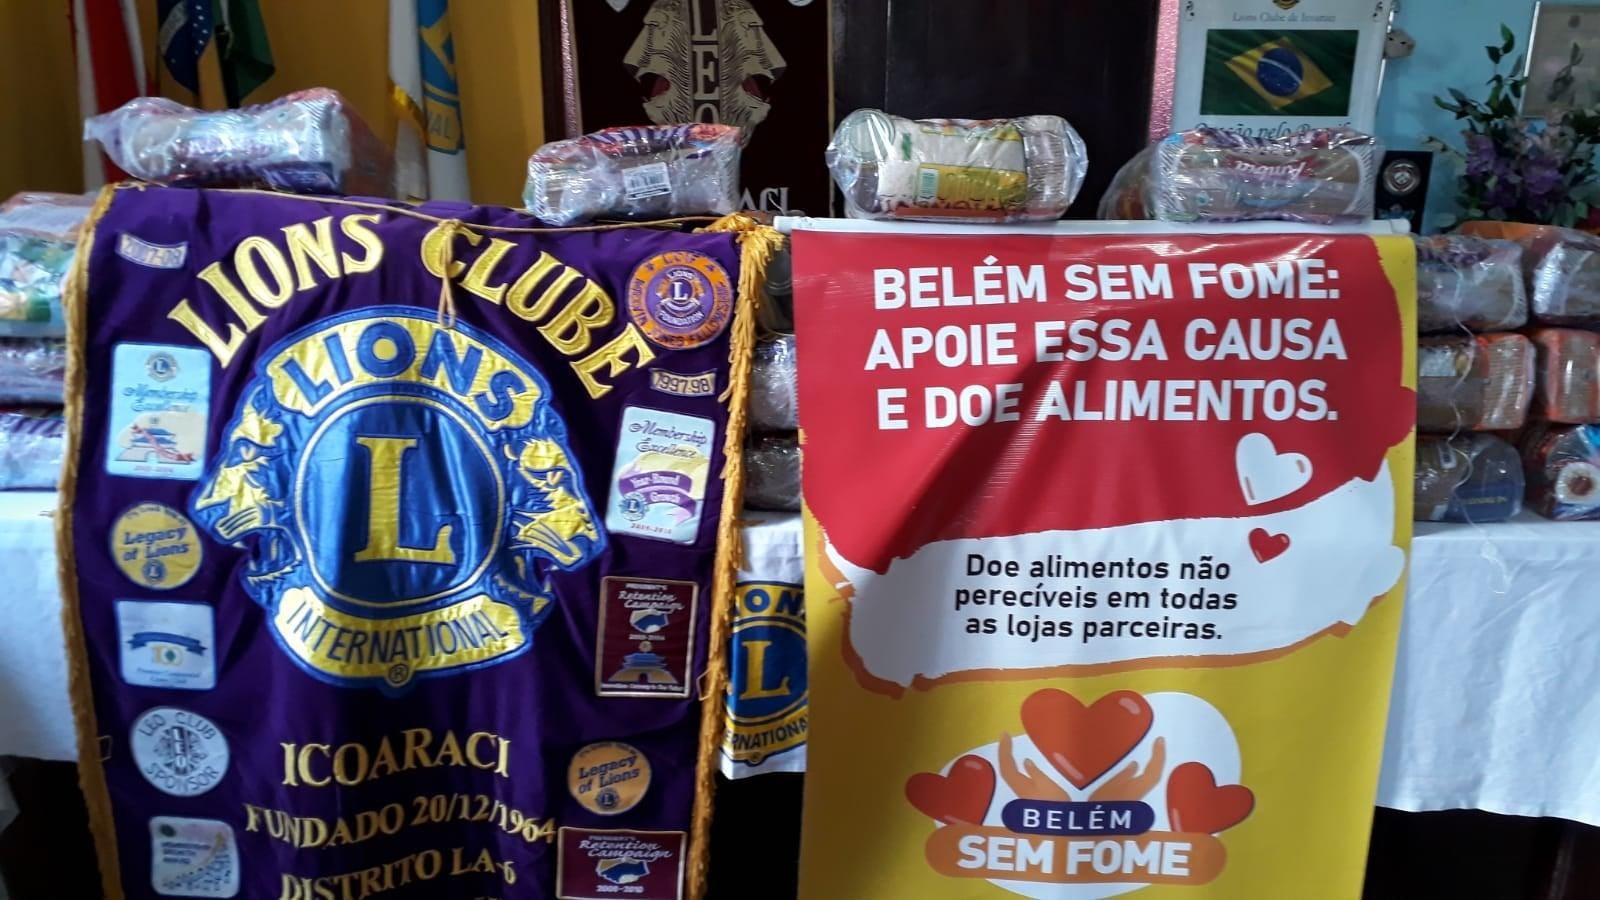 Terceira Idade do Lions Clube Icoaraci recebe doações de cestas básicas